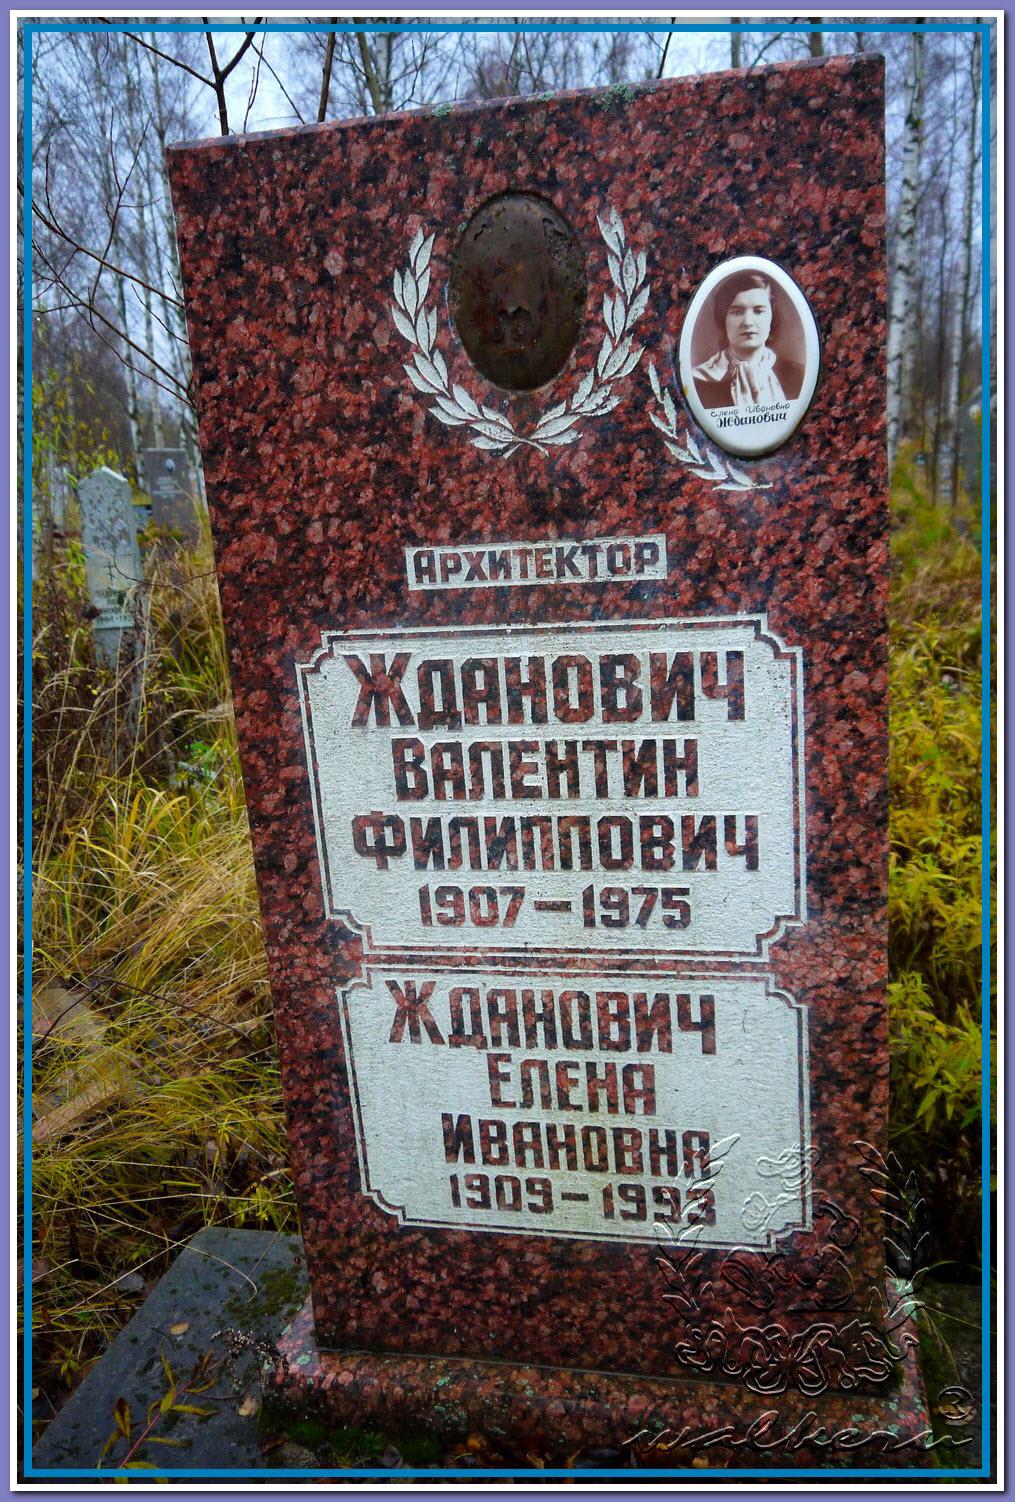 Жданович Валентин Филиппович